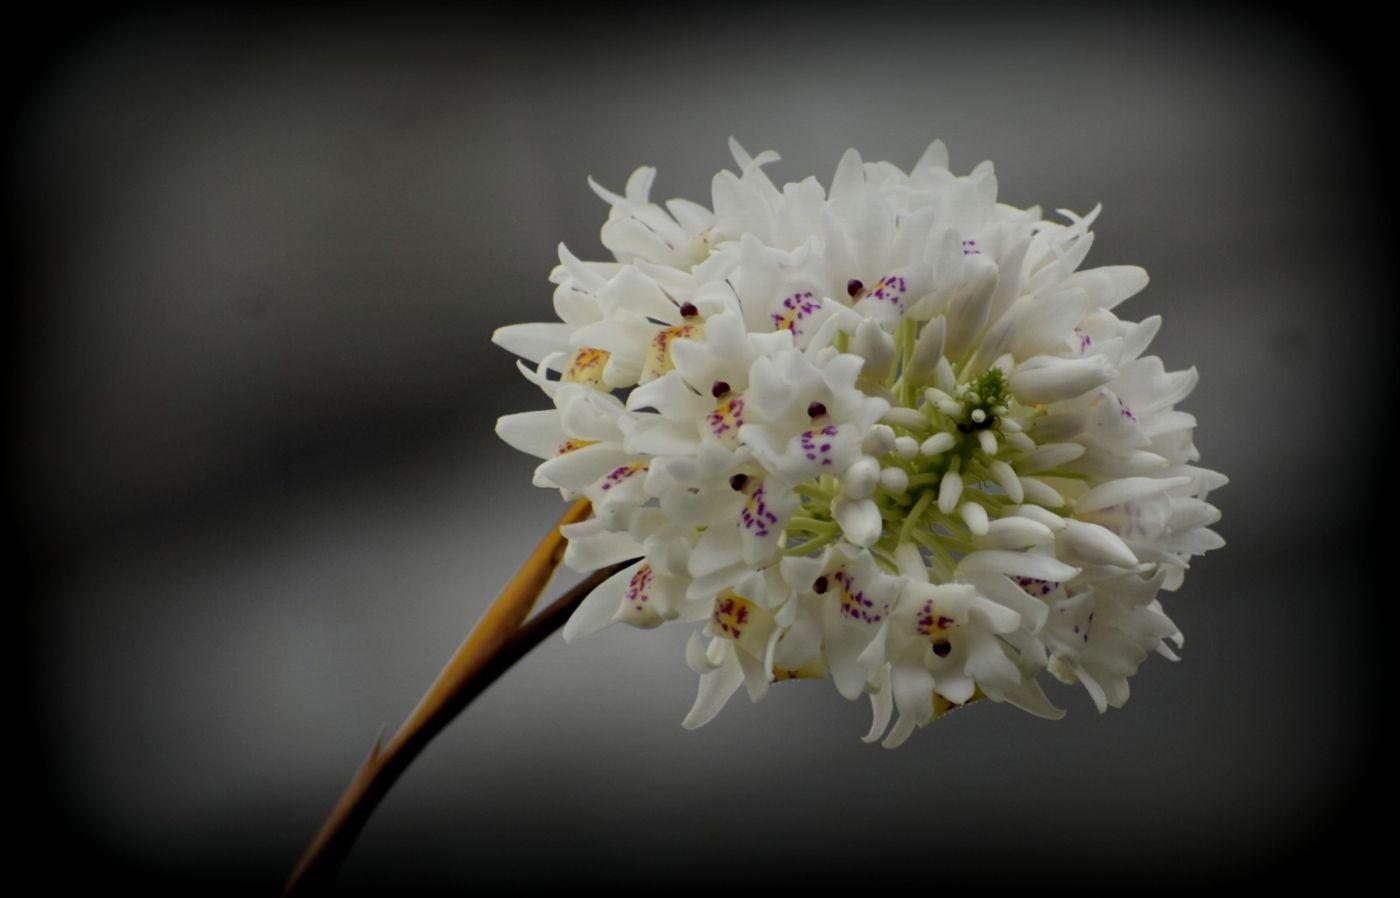 香球兰、牙刷石斛和凤梨兰_图1-2